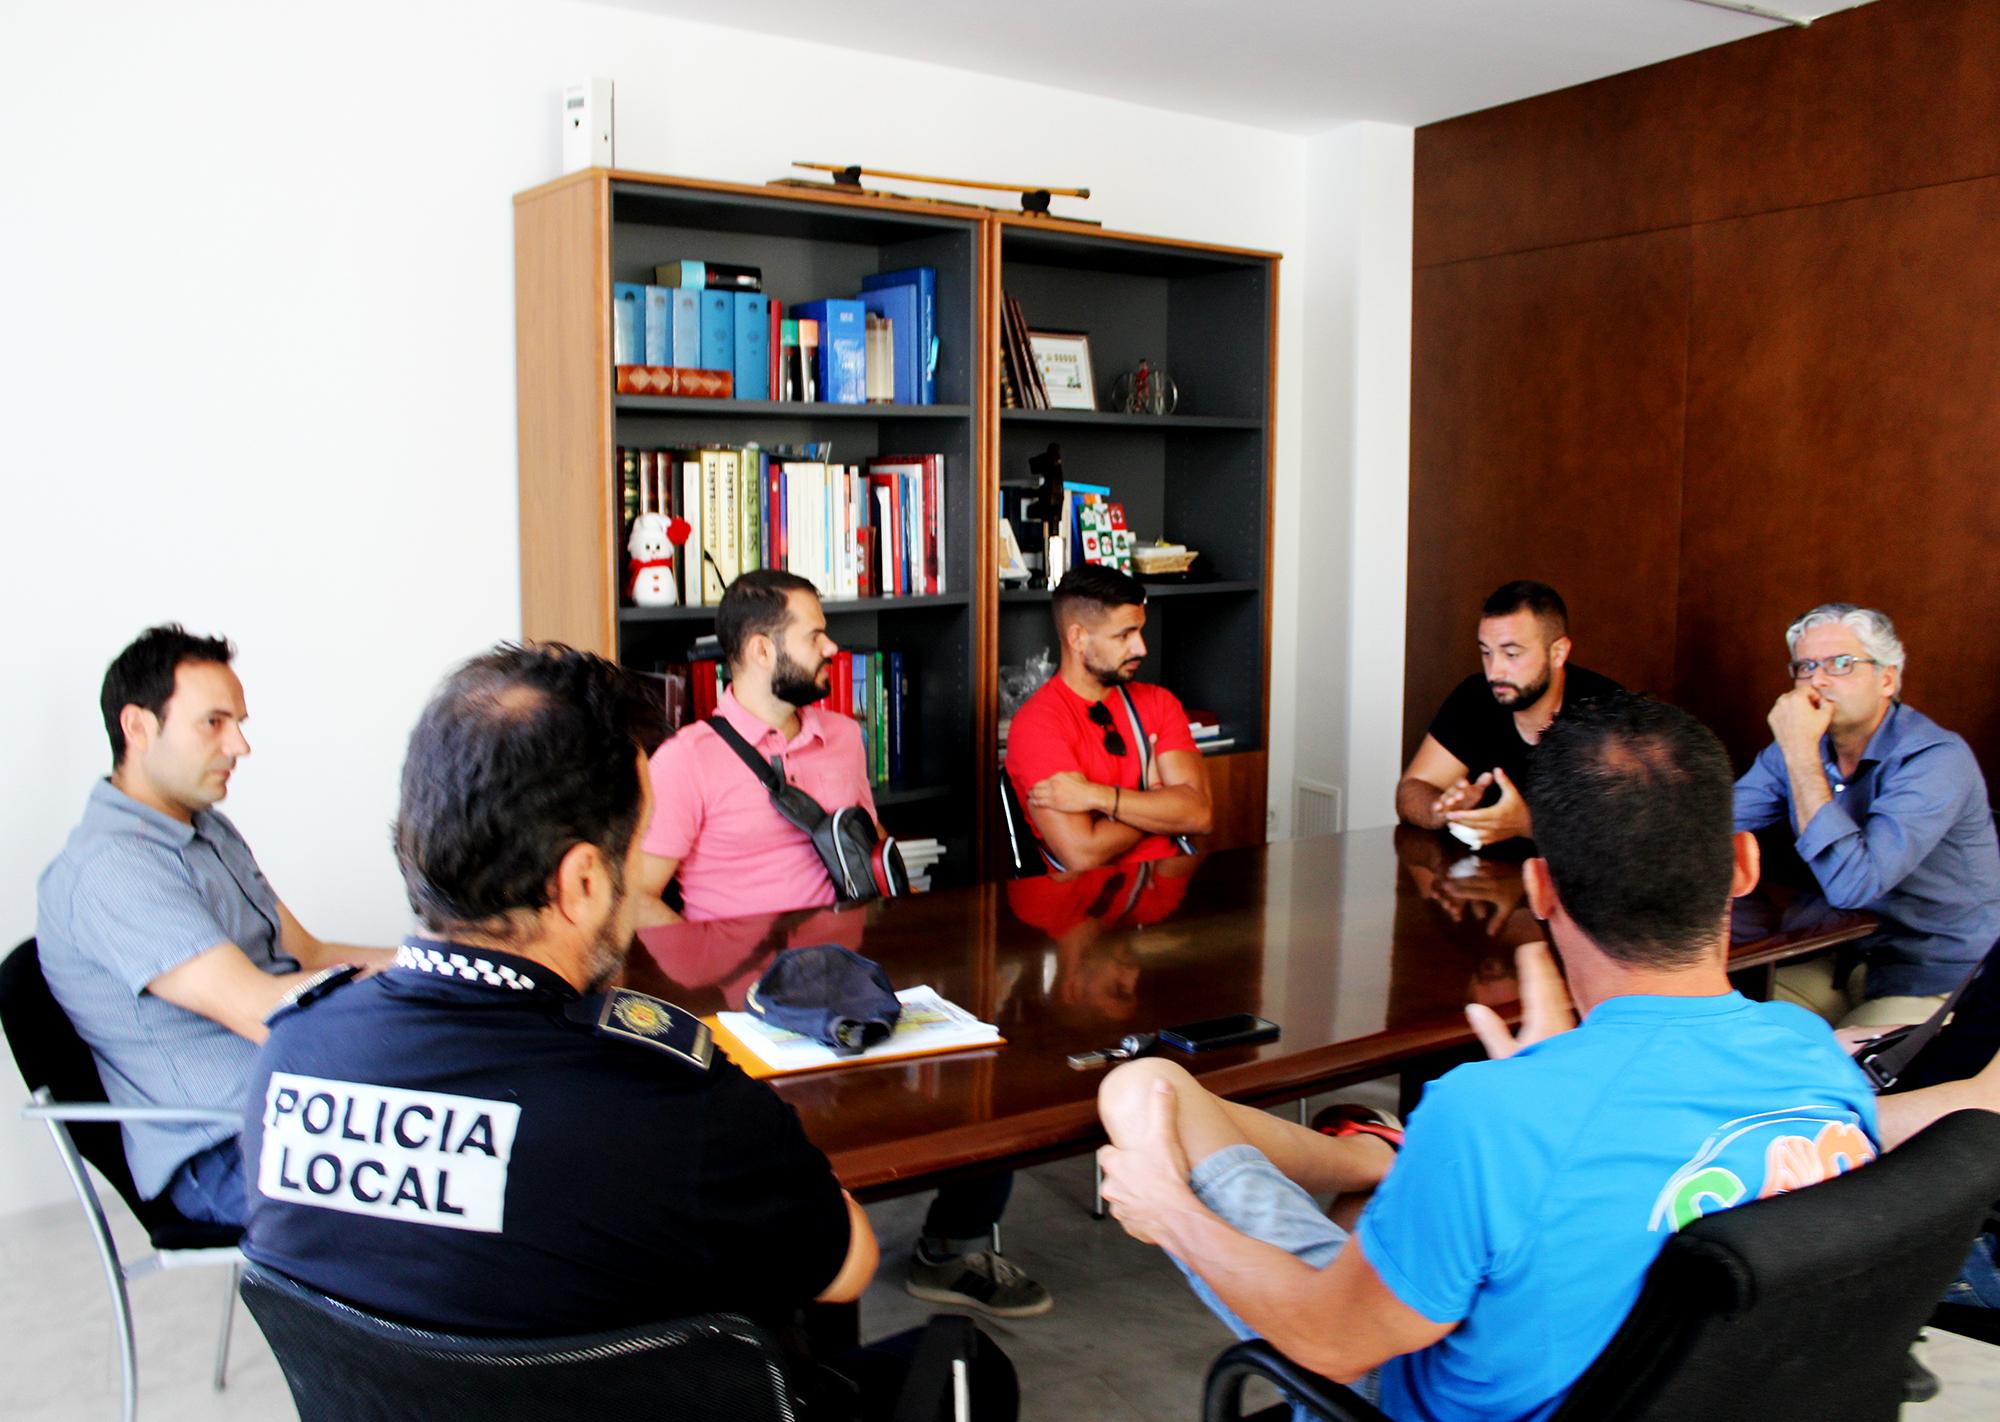 Ha tenido lugar esta mañana en el Ayuntamiento de Vilamarxant con la presencia de representantes municipales, cuerpos de seguridad y propietarios de los almacenes locales implicados.